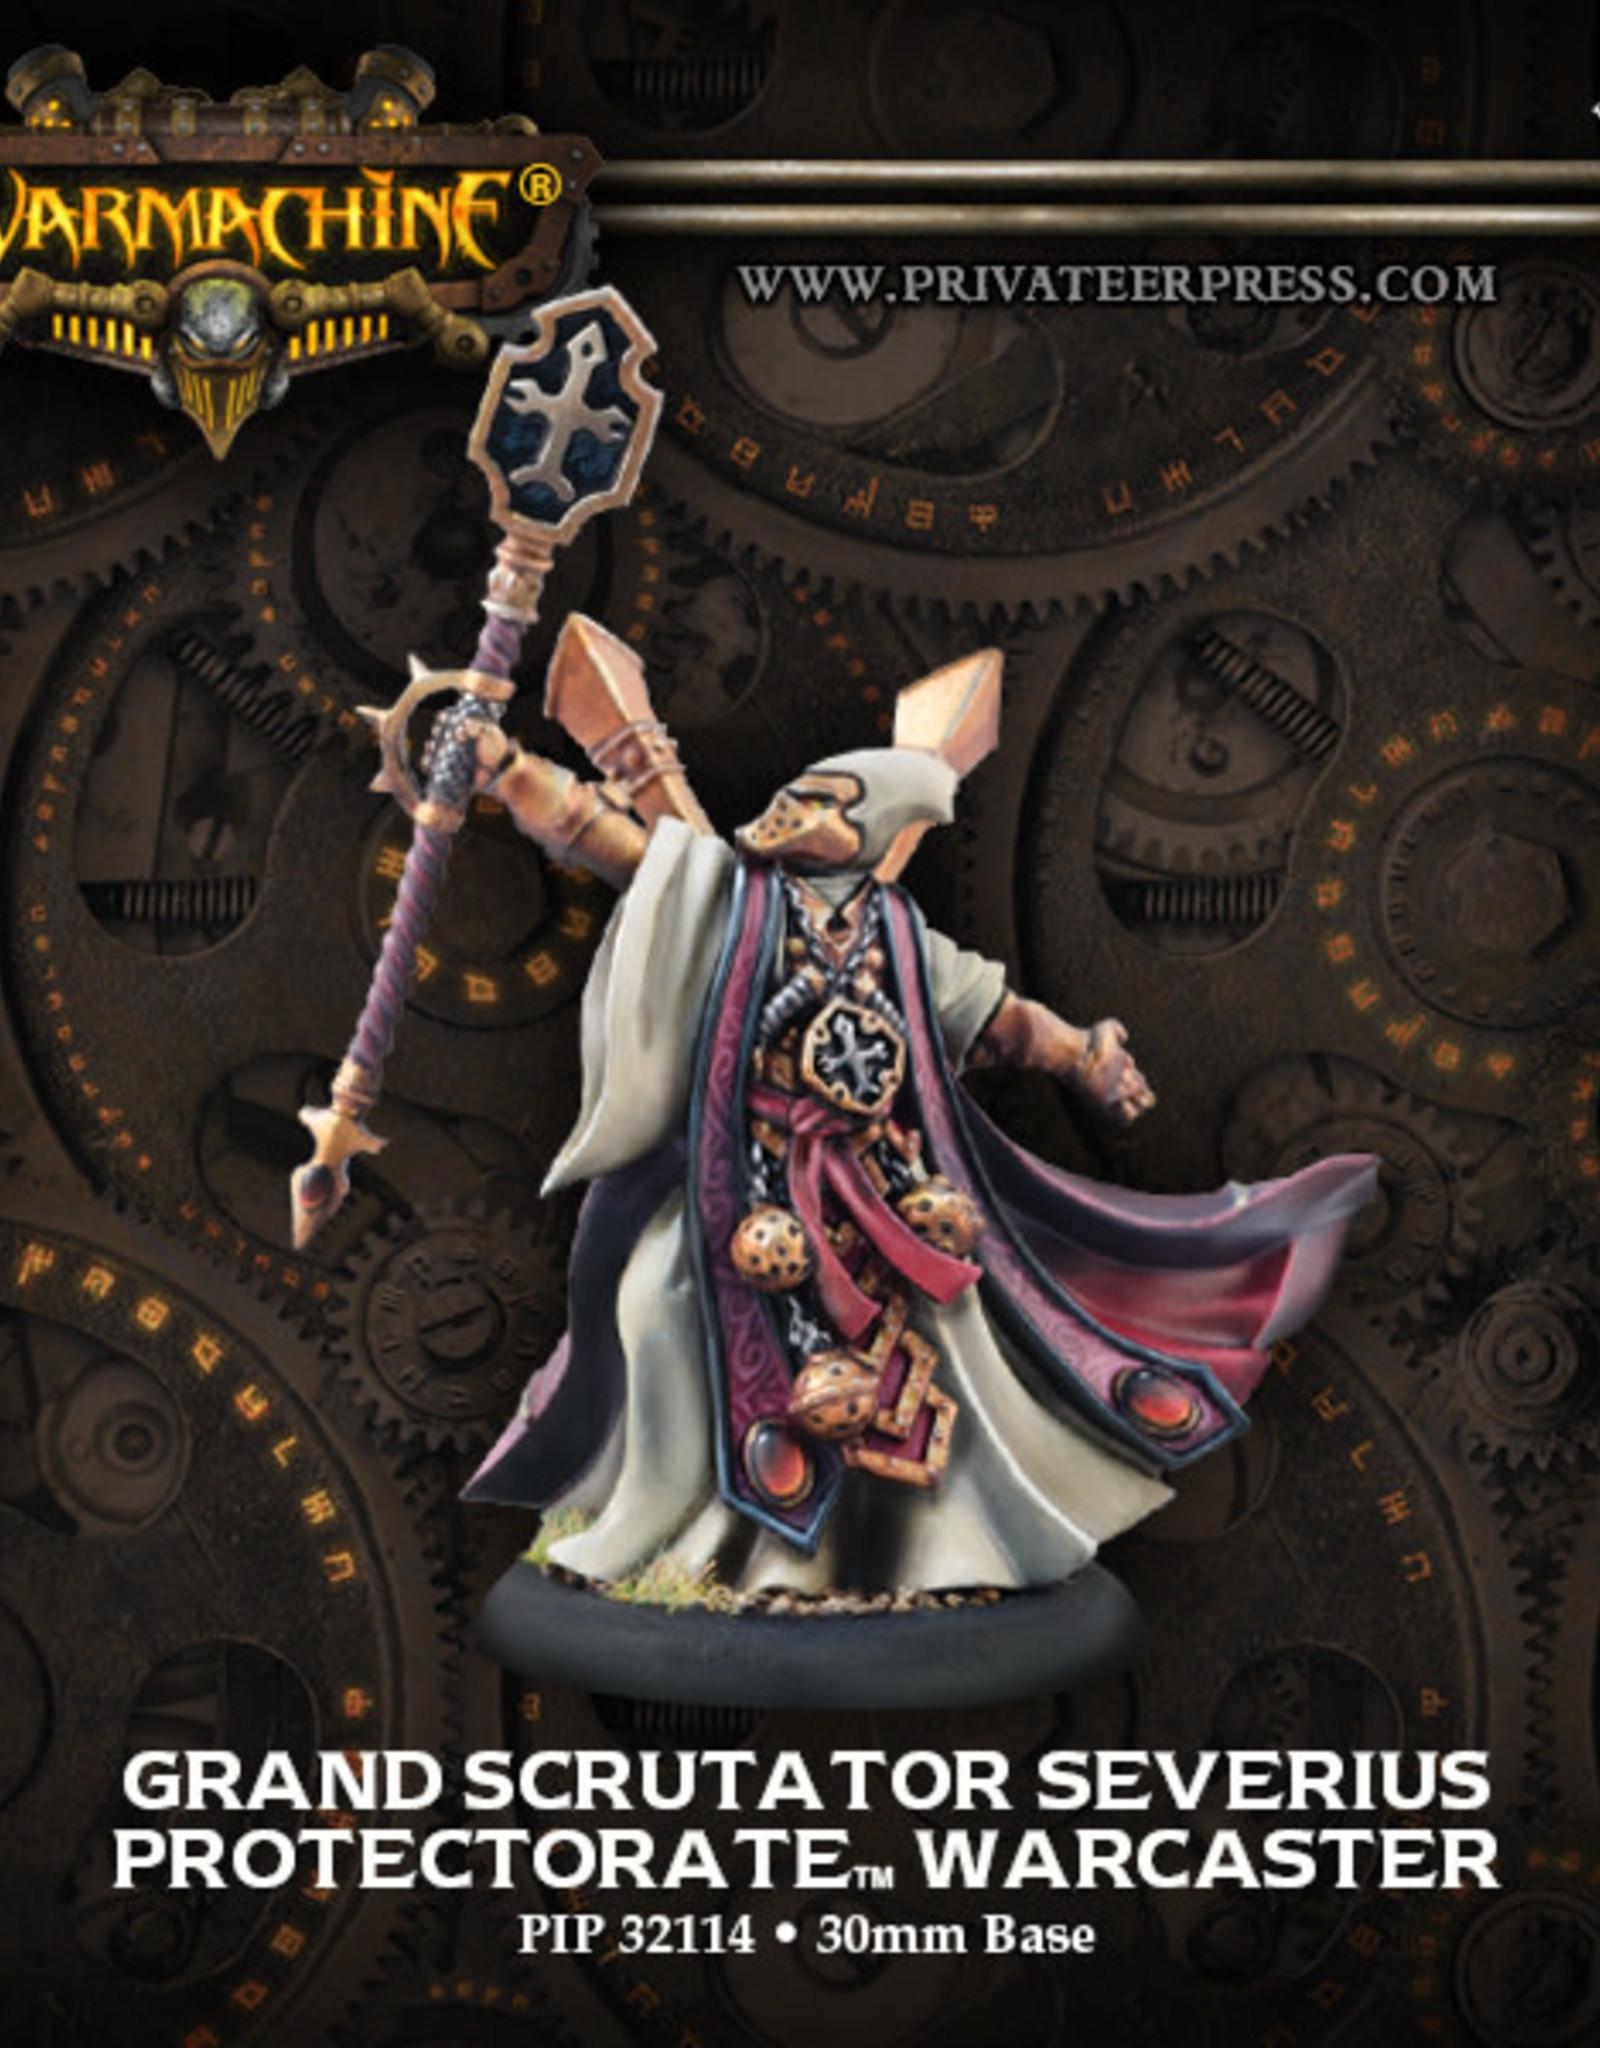 Warmachine Protectorate - Grand Scrutator Severius